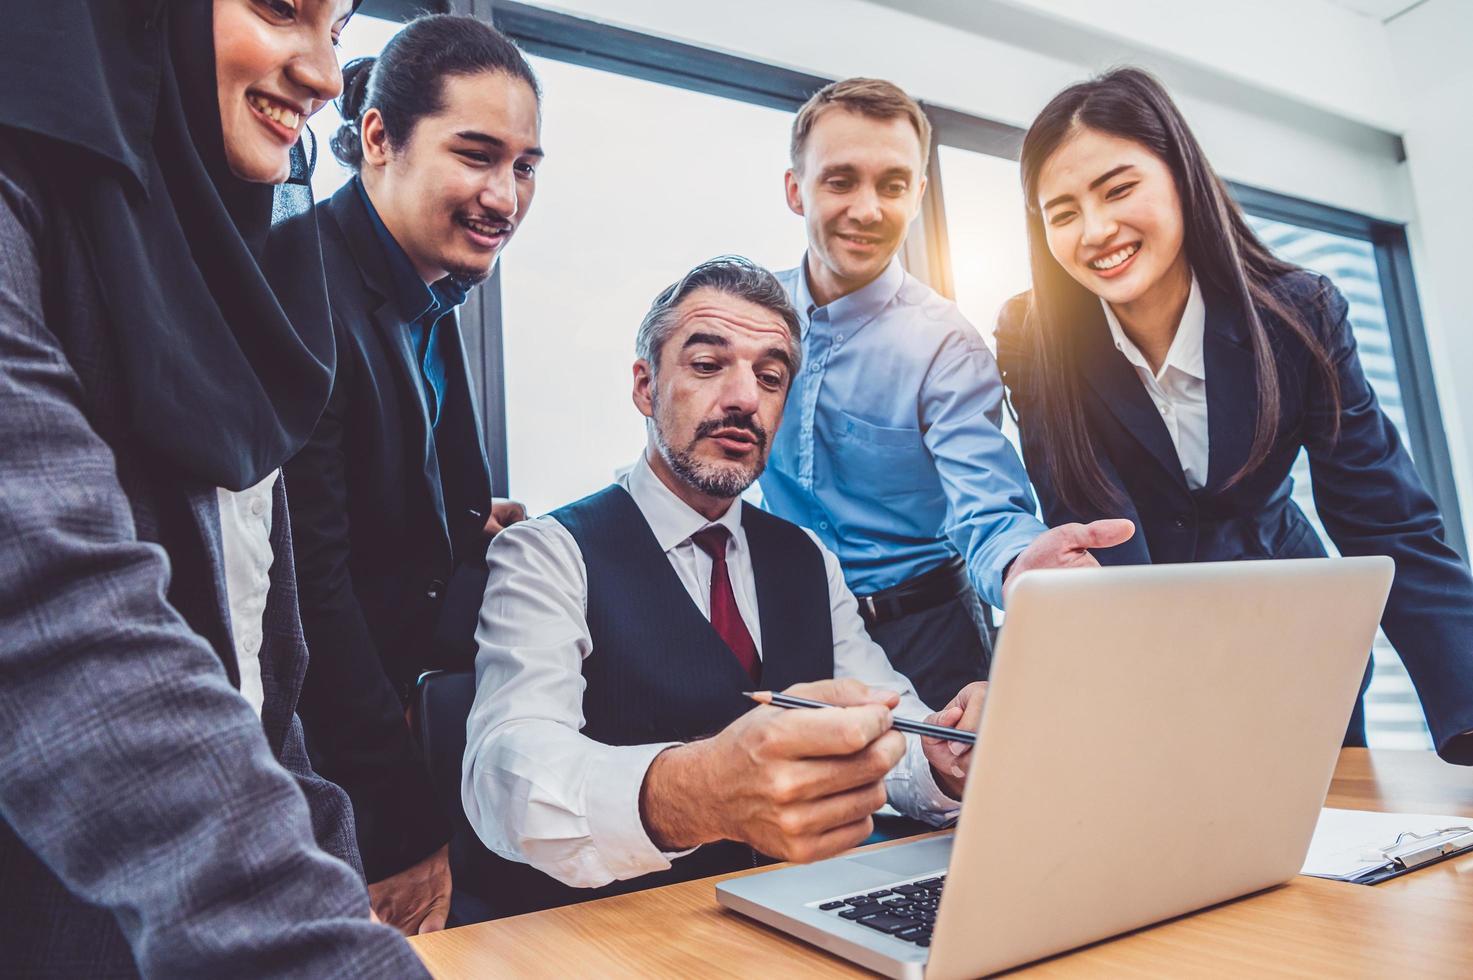 groupe de gens daffaires travaillant sur ordinateur portable photo